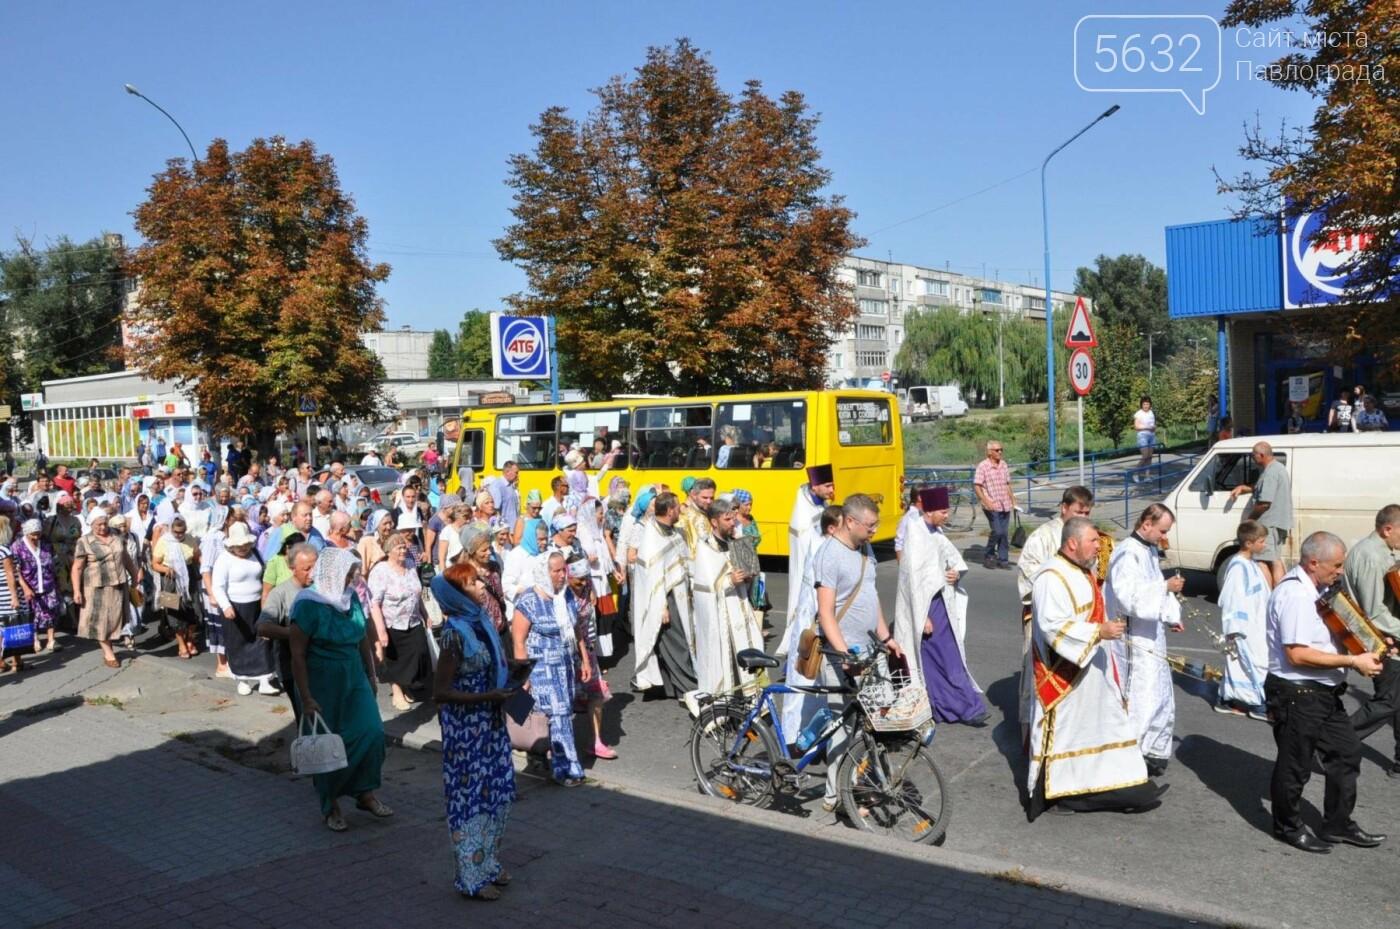 В Павлограде православные празднуют Успение Пресвятой Богородицы (Обновлено), фото-11